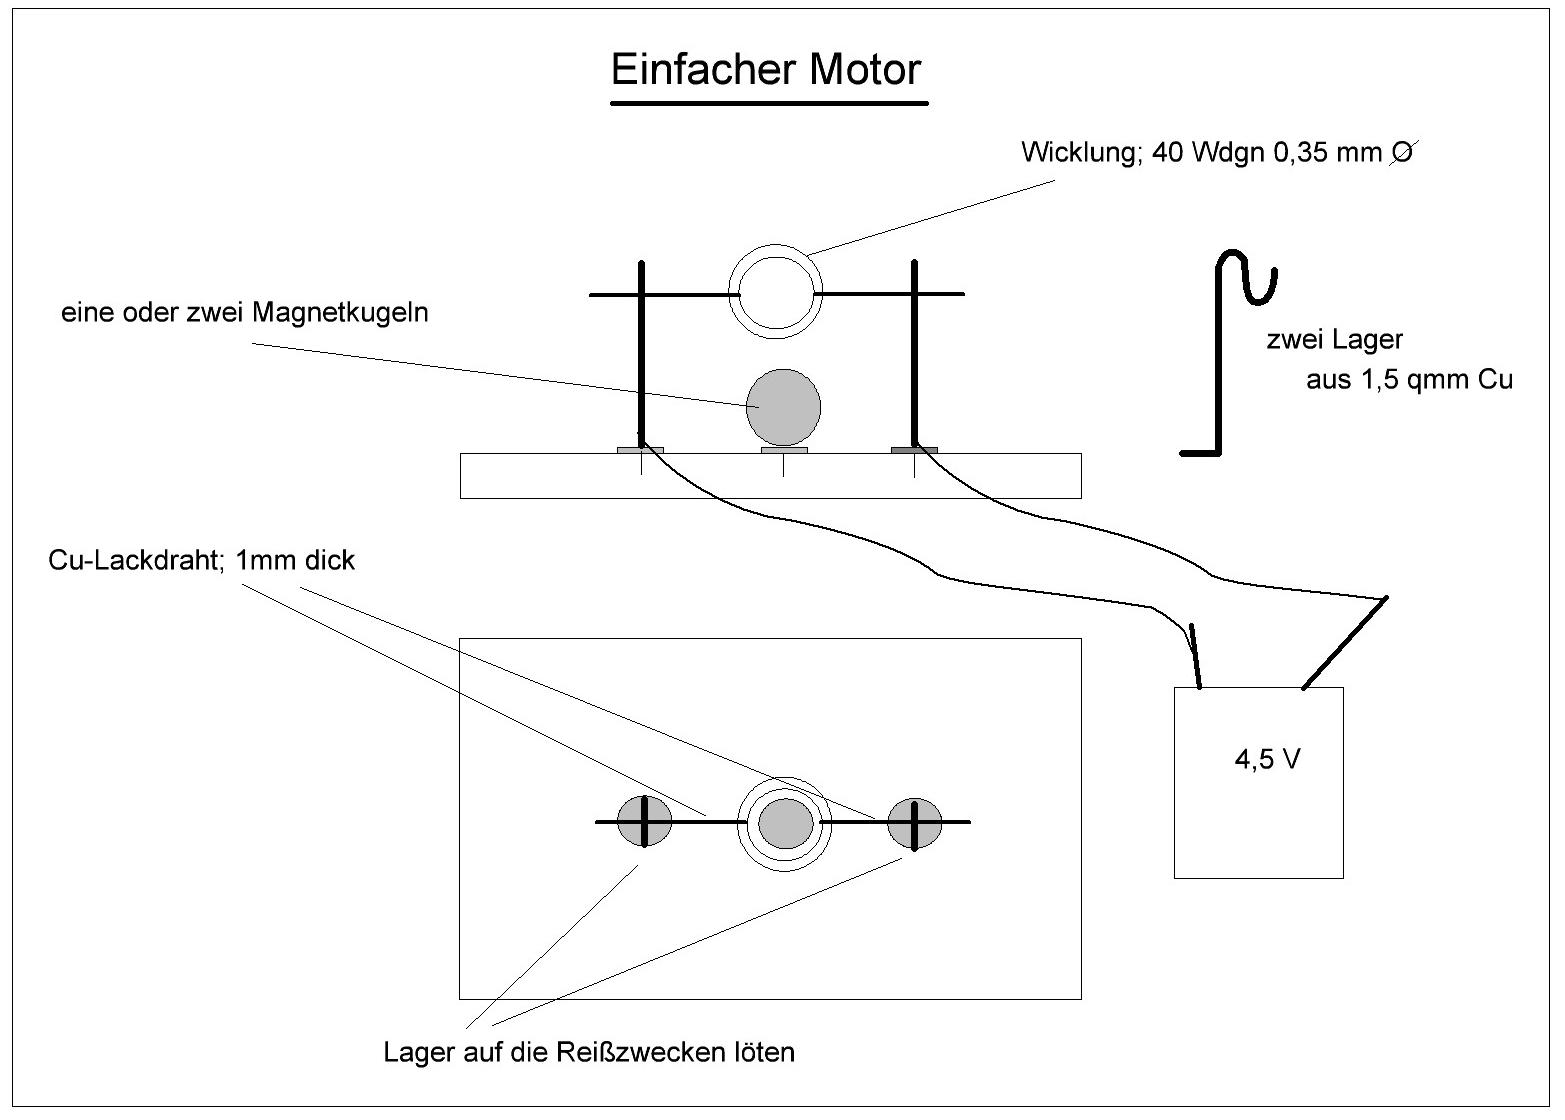 Wunderbar Einfacher Wechselstrommotor Ideen - Elektrische Schaltplan ...